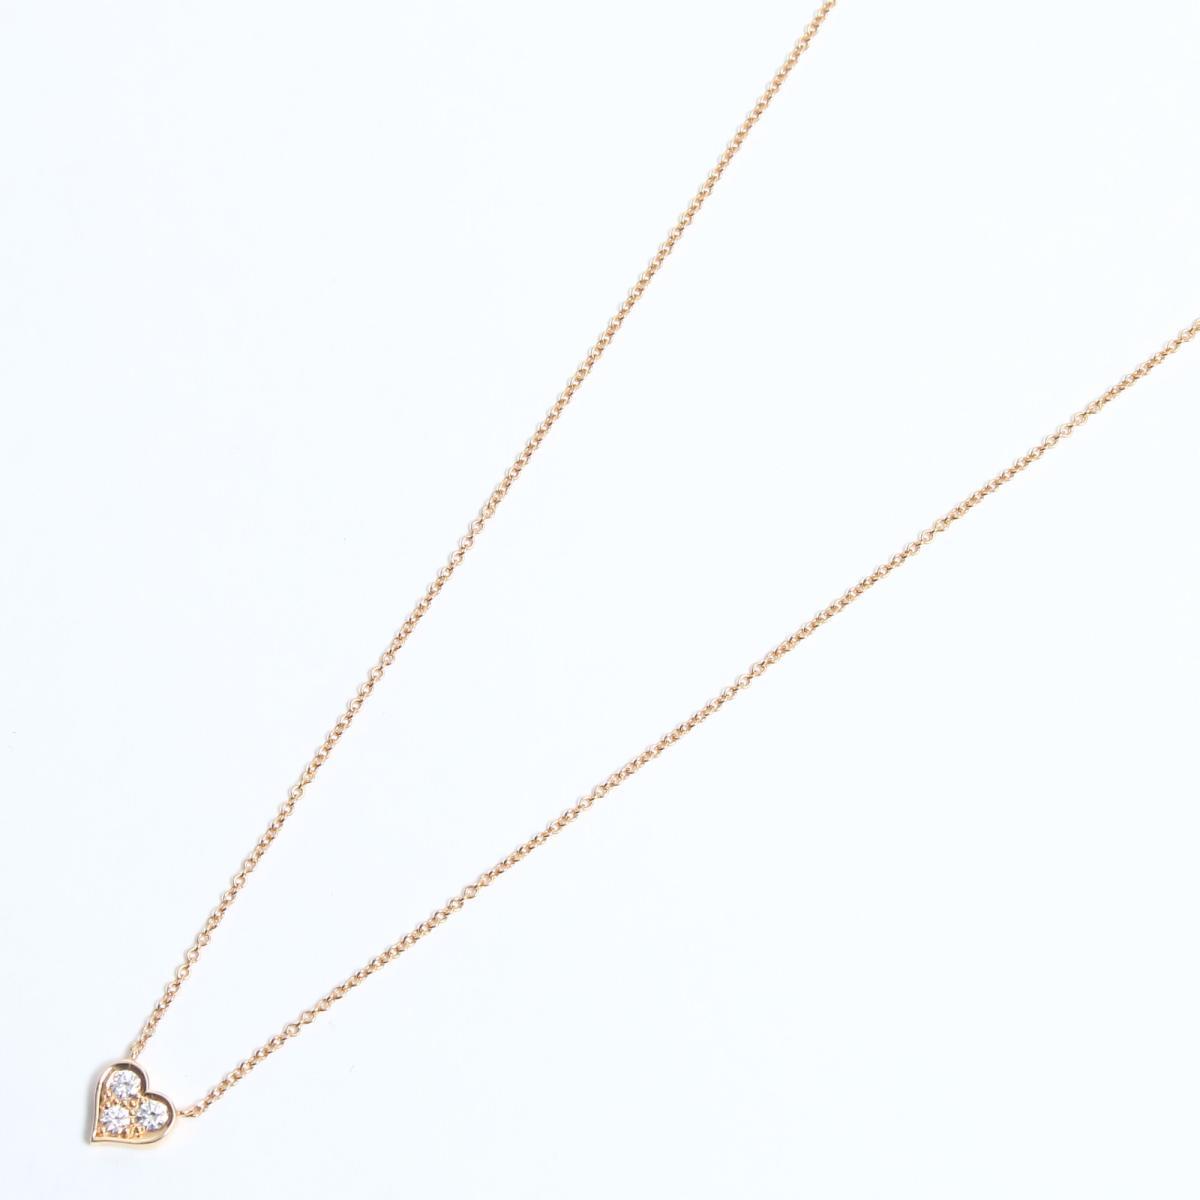 センチメンタル ハート ダイヤモンド ネックレス/可愛い